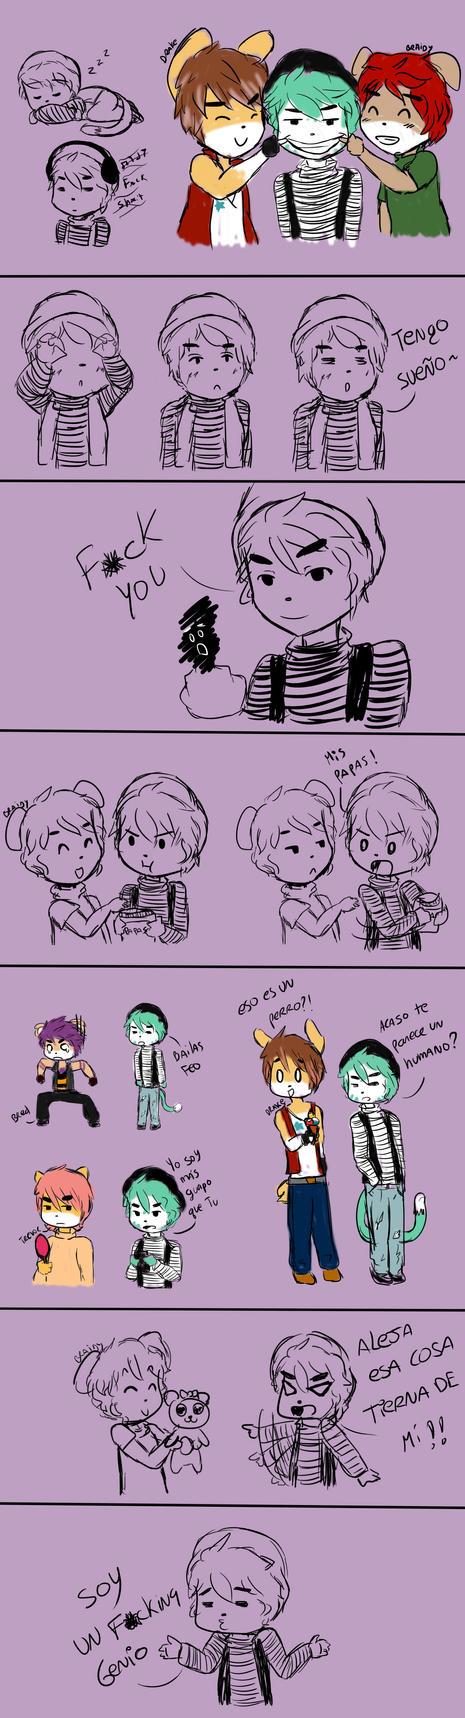 B7 Rod .:Doodles:. by NanaMariana22